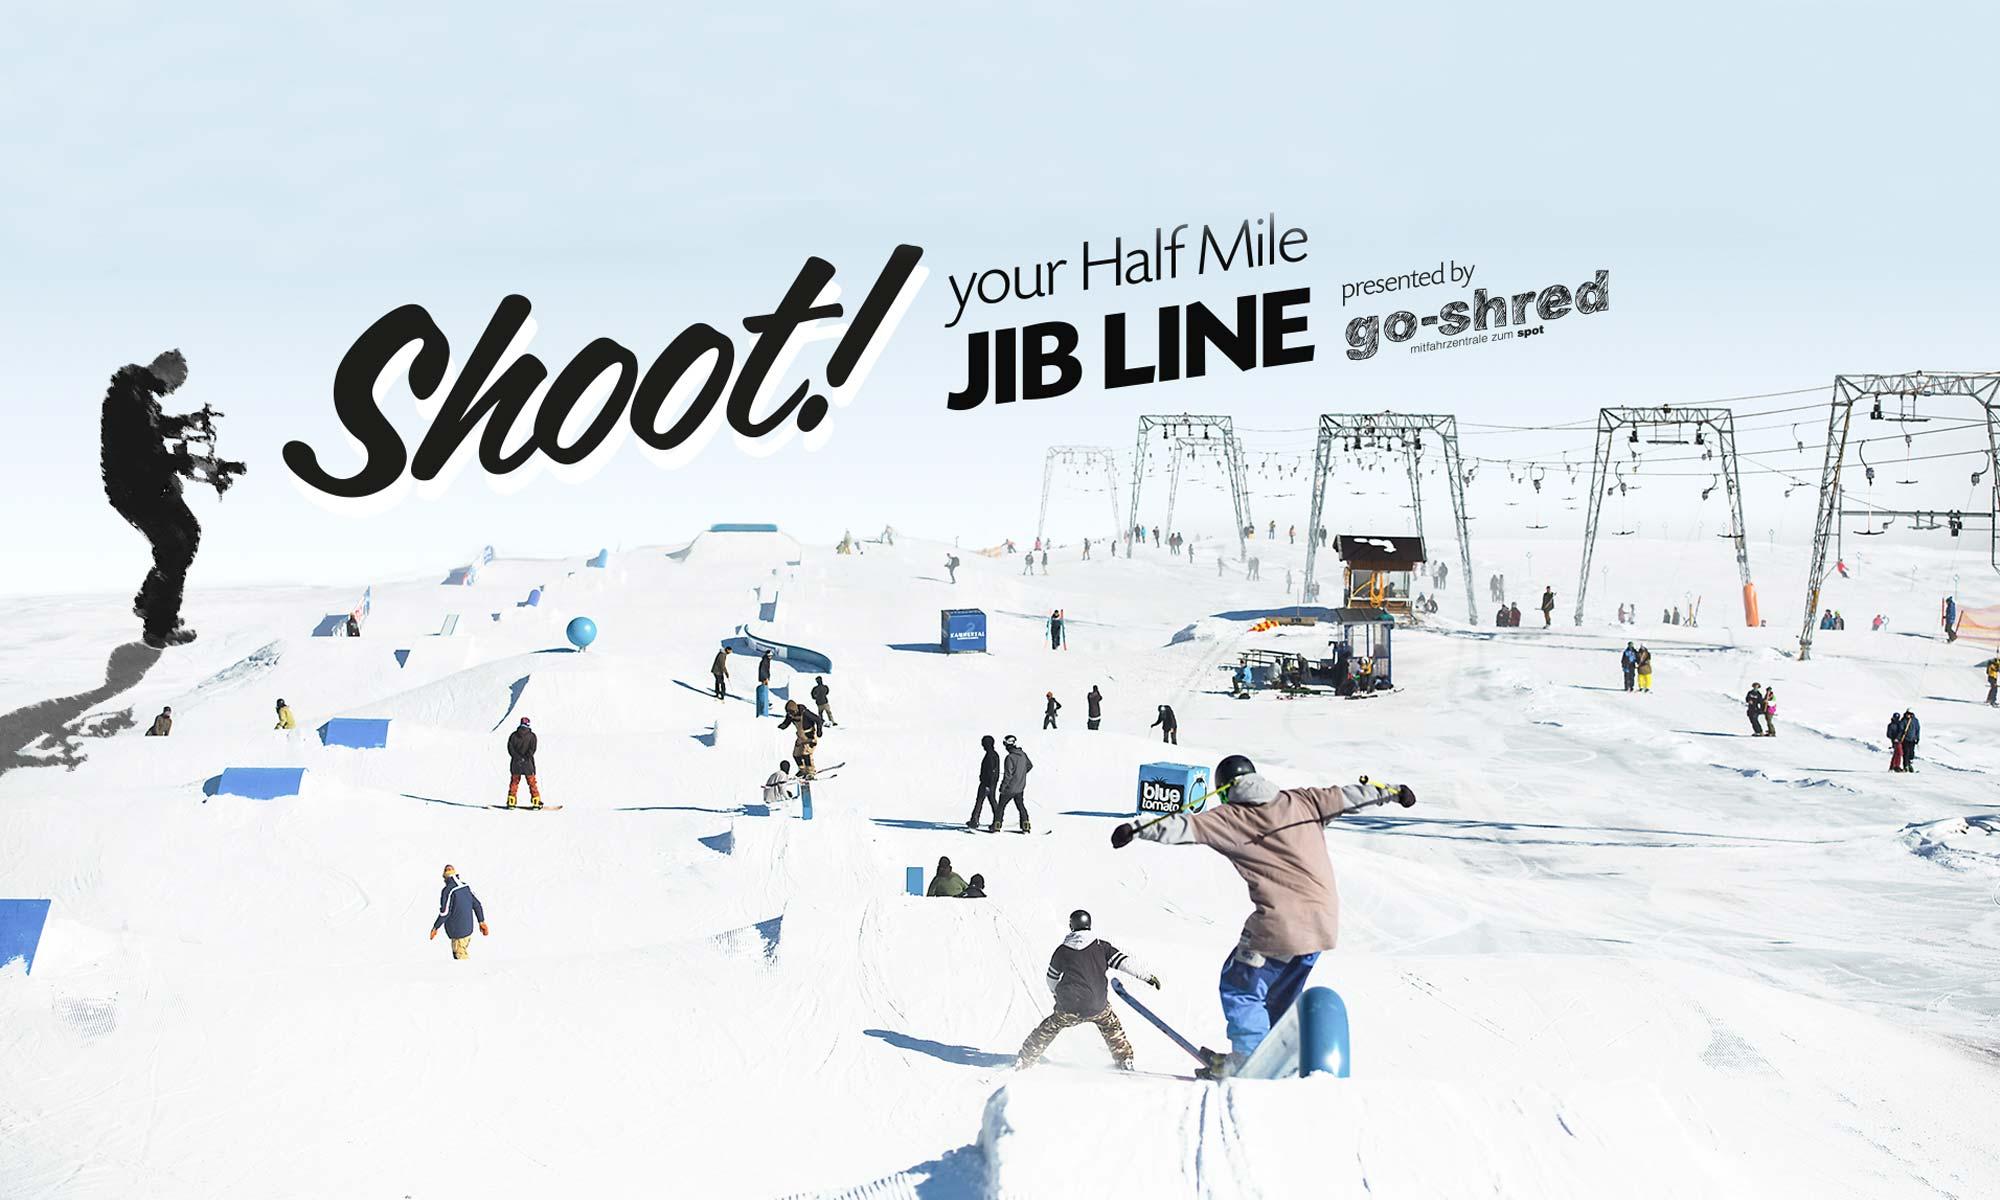 shoot_y_halfmile2